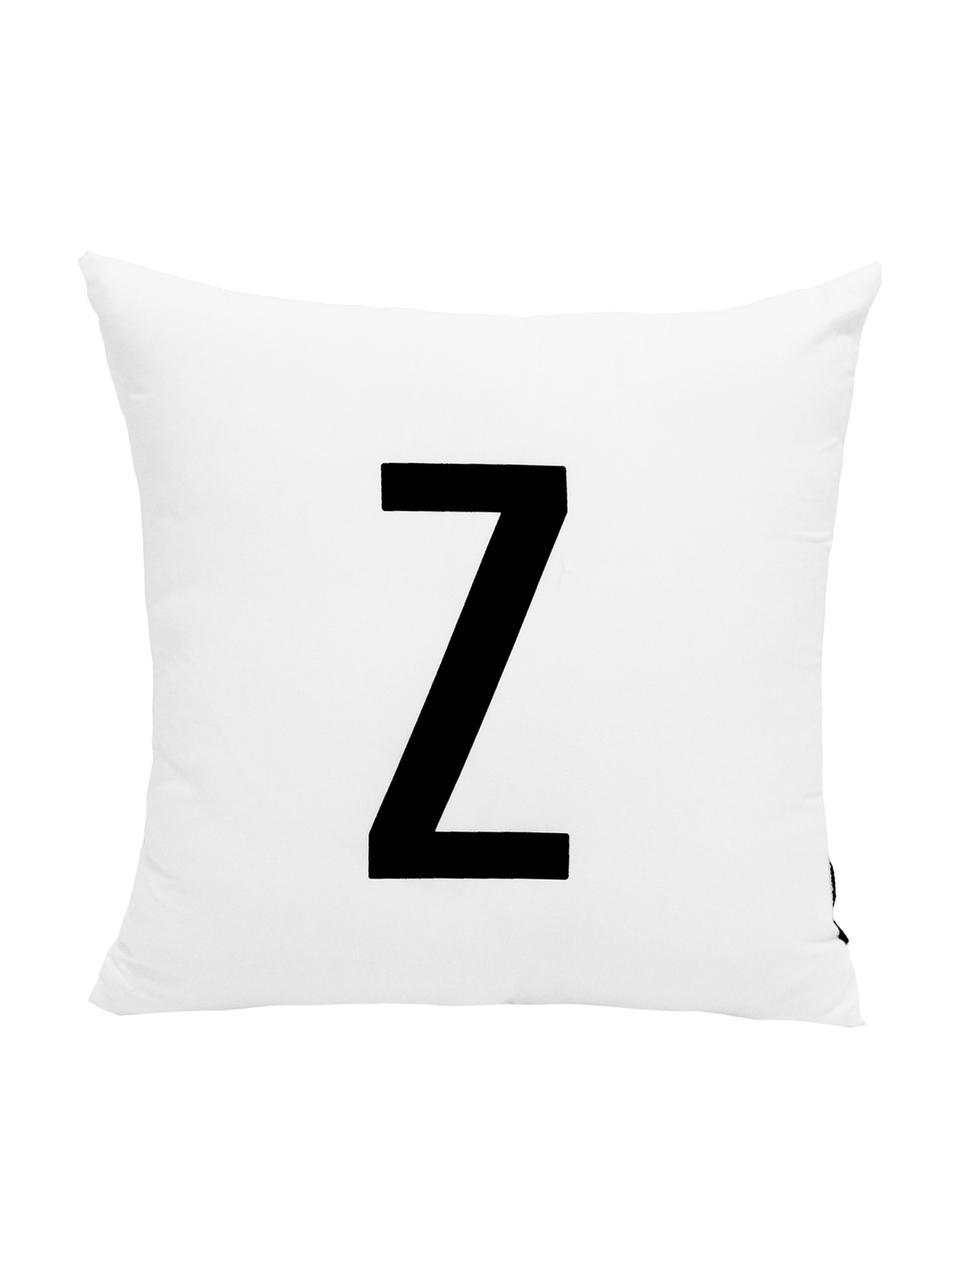 Poszewka na poduszkę Alphabet (warianty od A do Z), 100% poliester, Czarny, biały, Poszewka na poduszkę Z